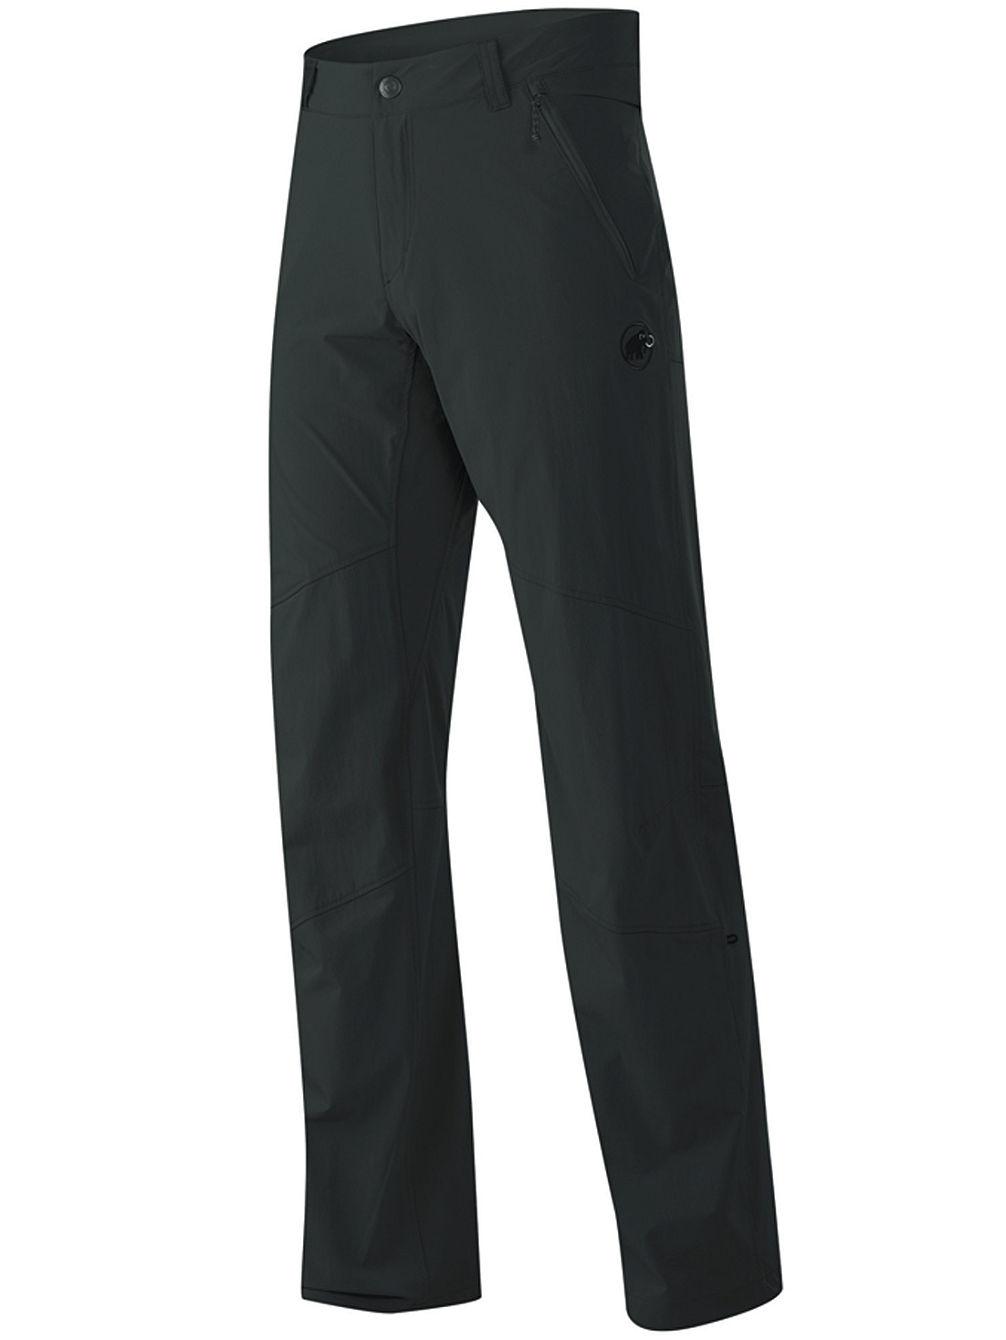 mammut-runbold-outdoor-pants